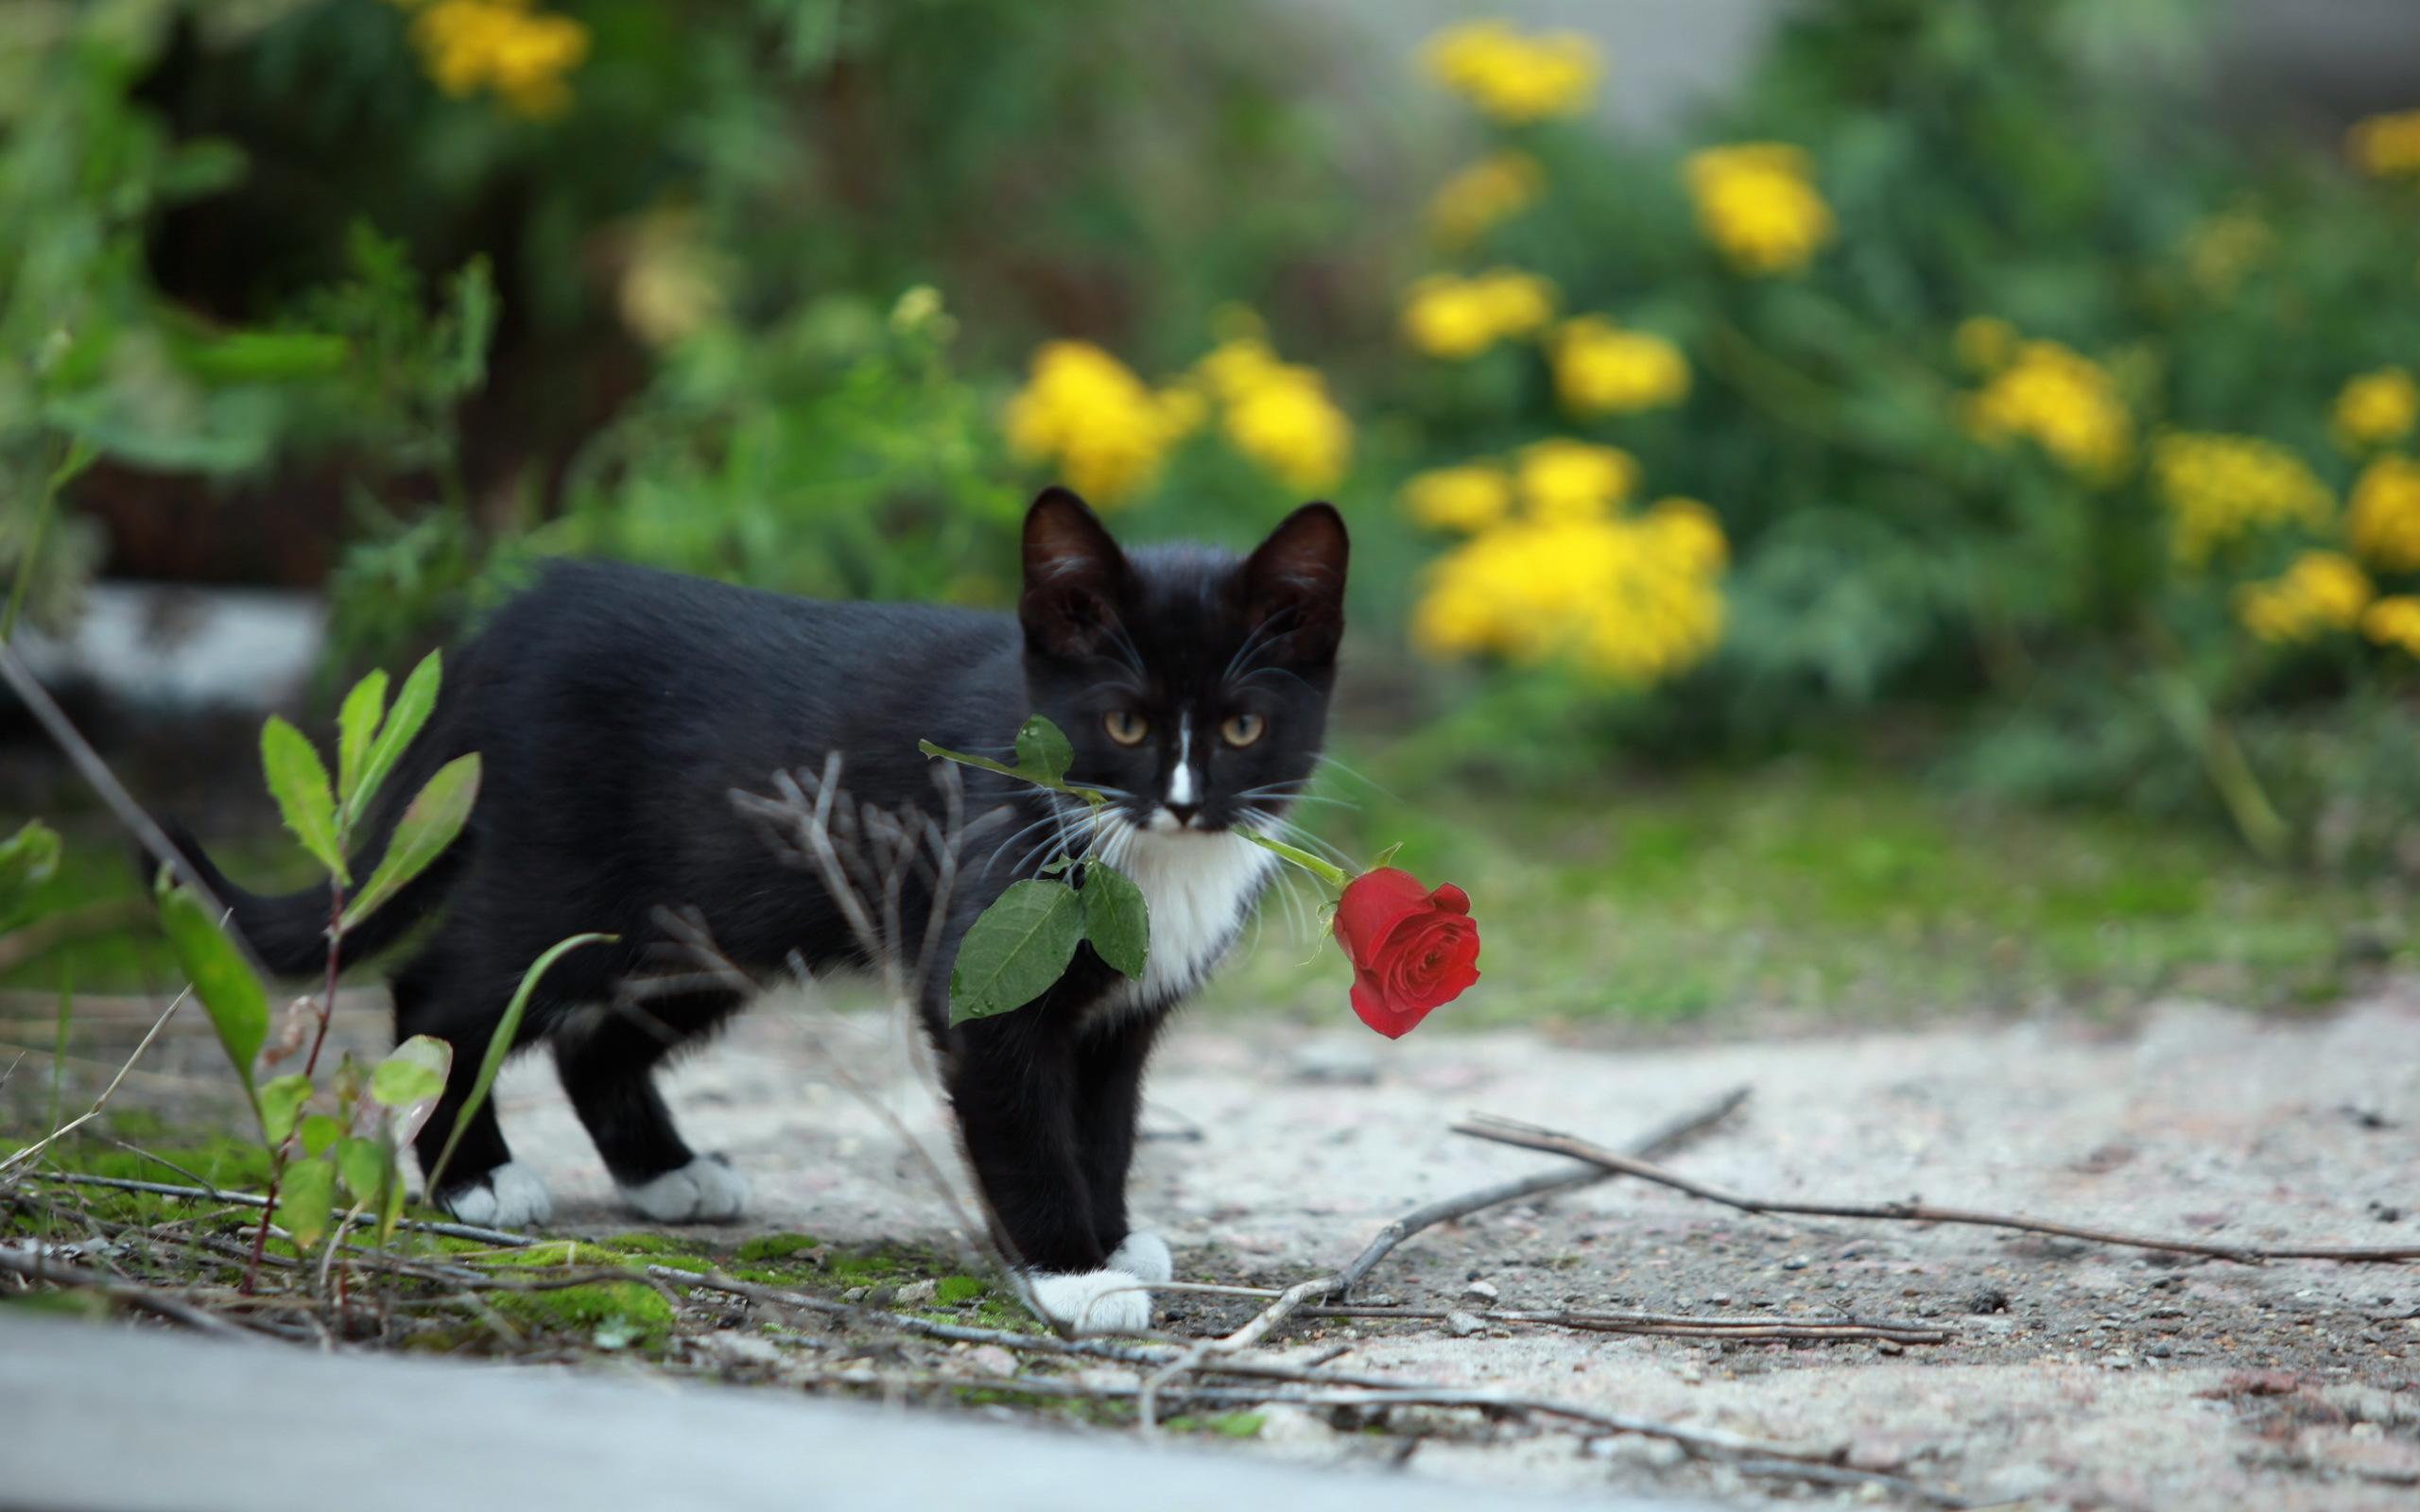 Картинки кот с цветком в зубах, днем рождения мужчине